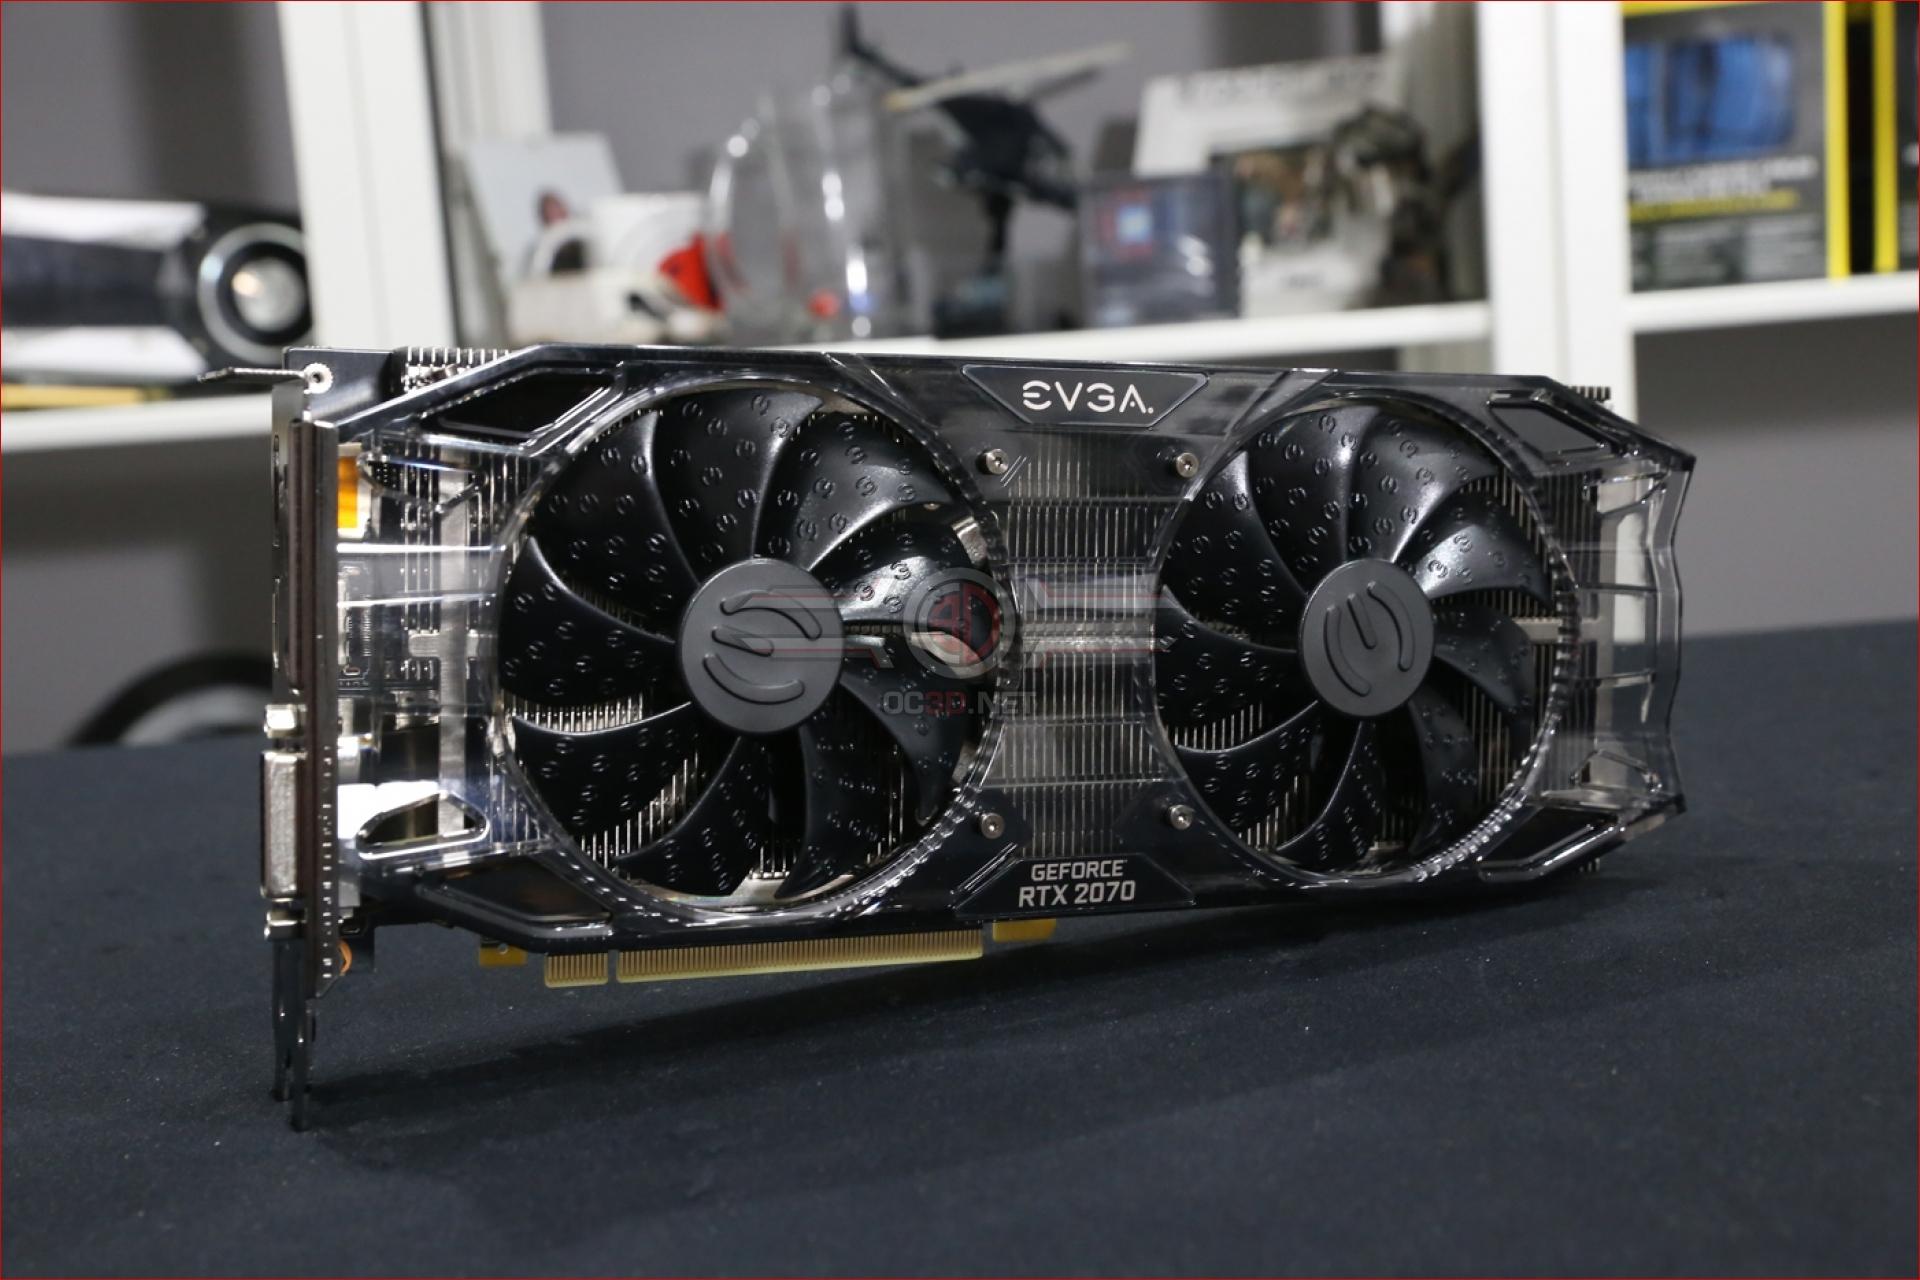 EVGA RTX 2070 Black Review   Up Close   GPU & Displays